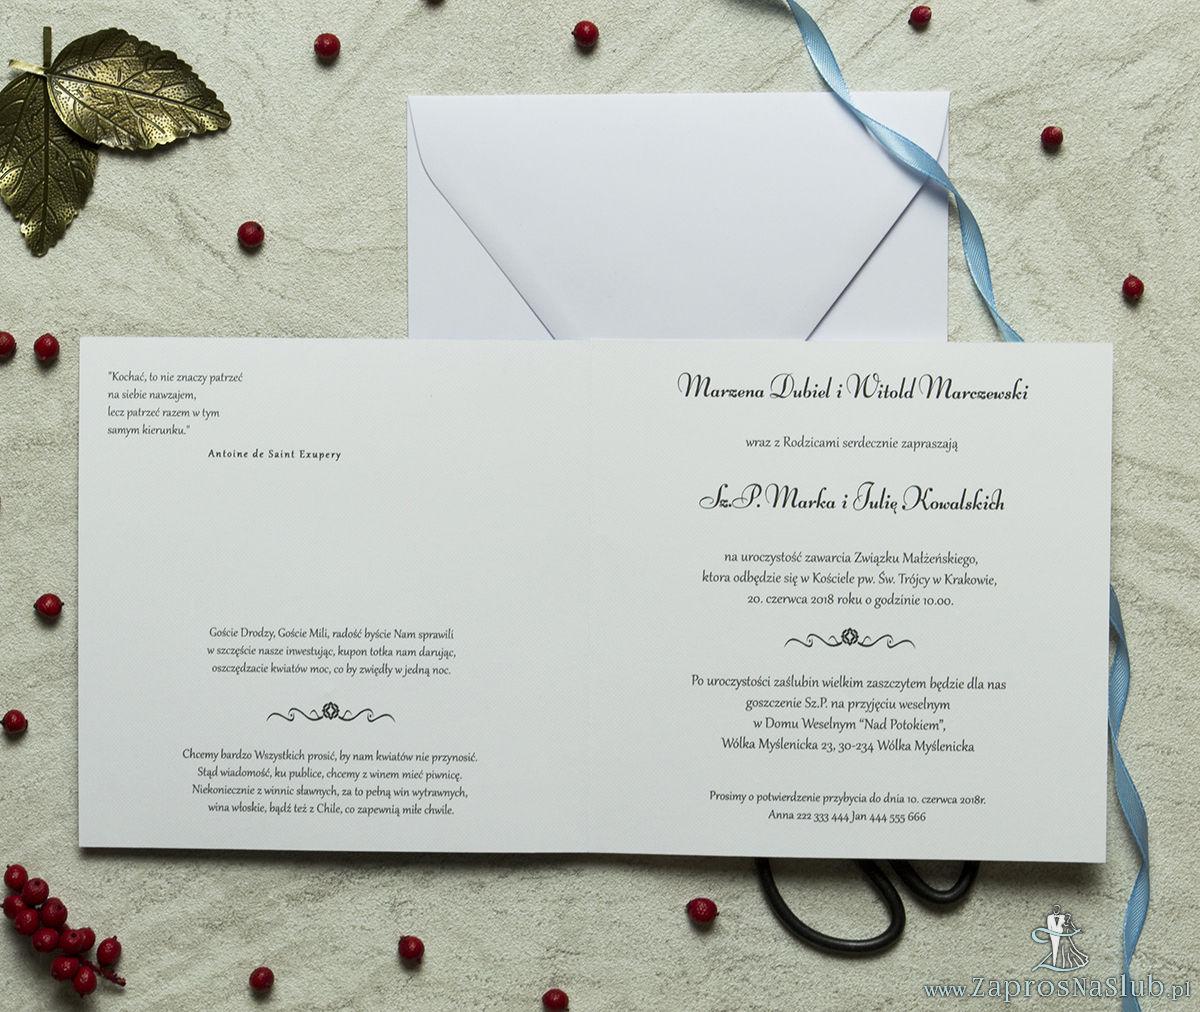 Zaproszenia designerskie - błękitno-biały ornament florystyczny z trójbarwnym motywem kwiatowym oraz satynową kokardką. ZAP-11-10